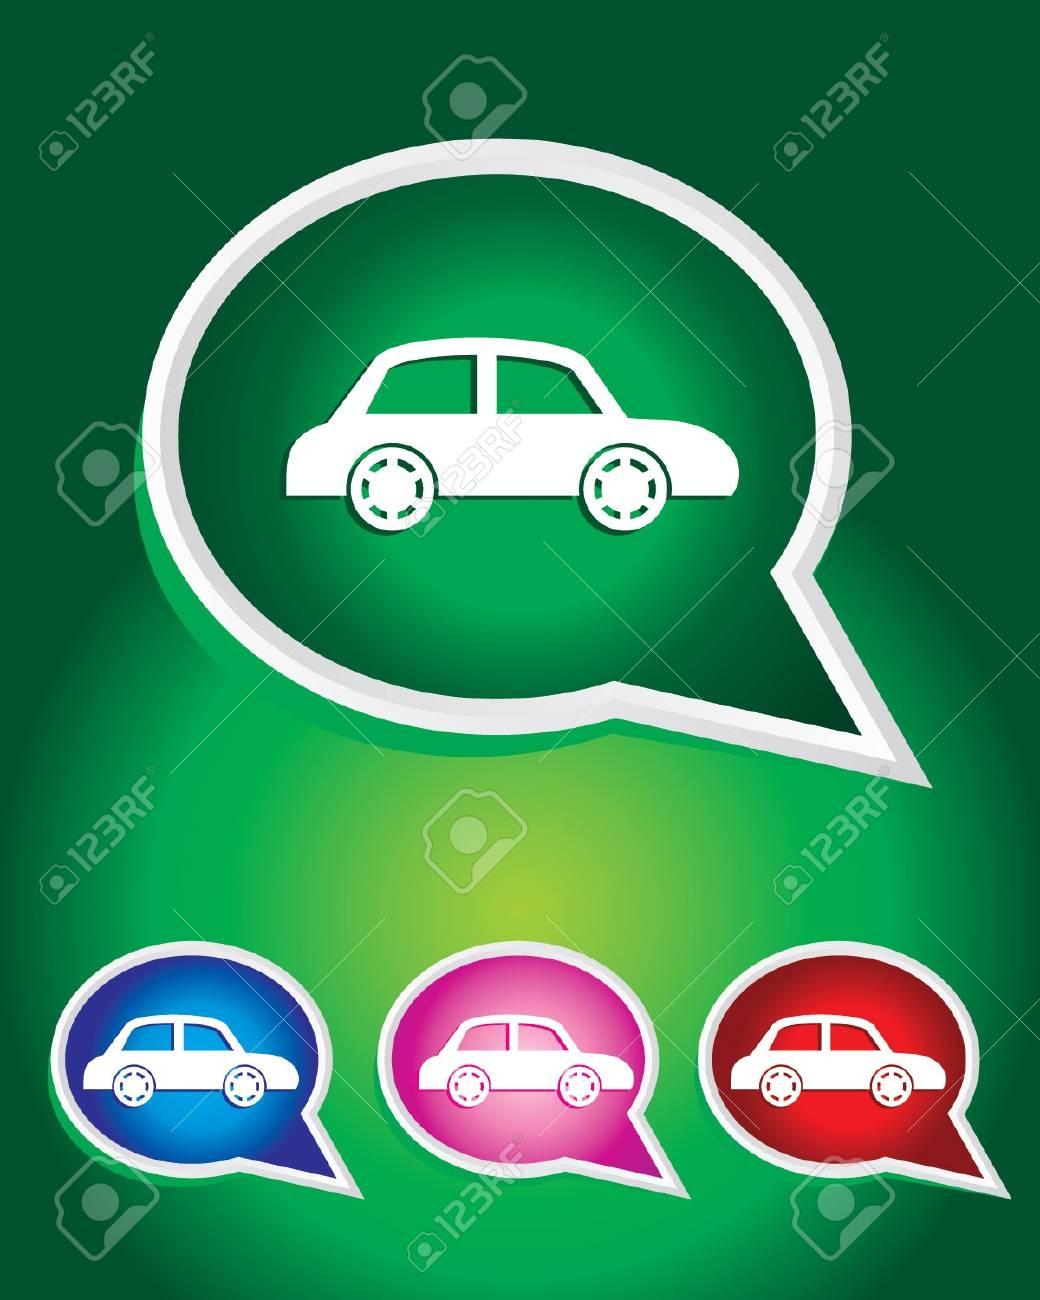 Taxi Car Icon on The Speech Bubble Stock Vector - 20668740